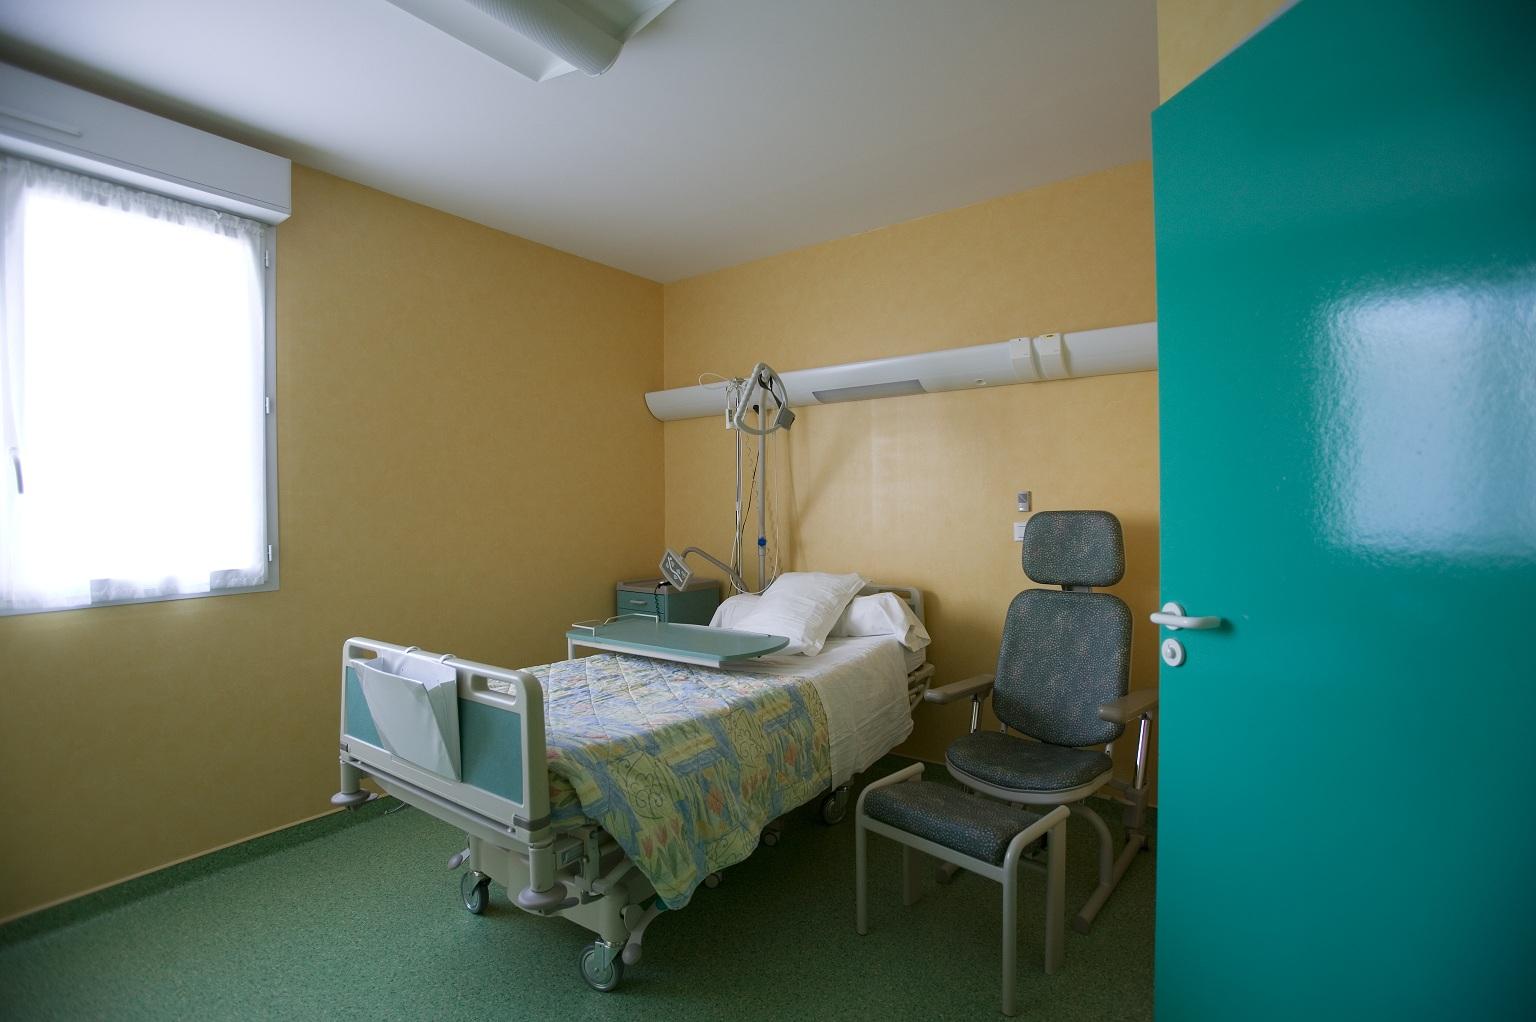 Clinique saint fran ois chirurgie de la main chirurgie - Hospitalisation en chambre individuelle ...